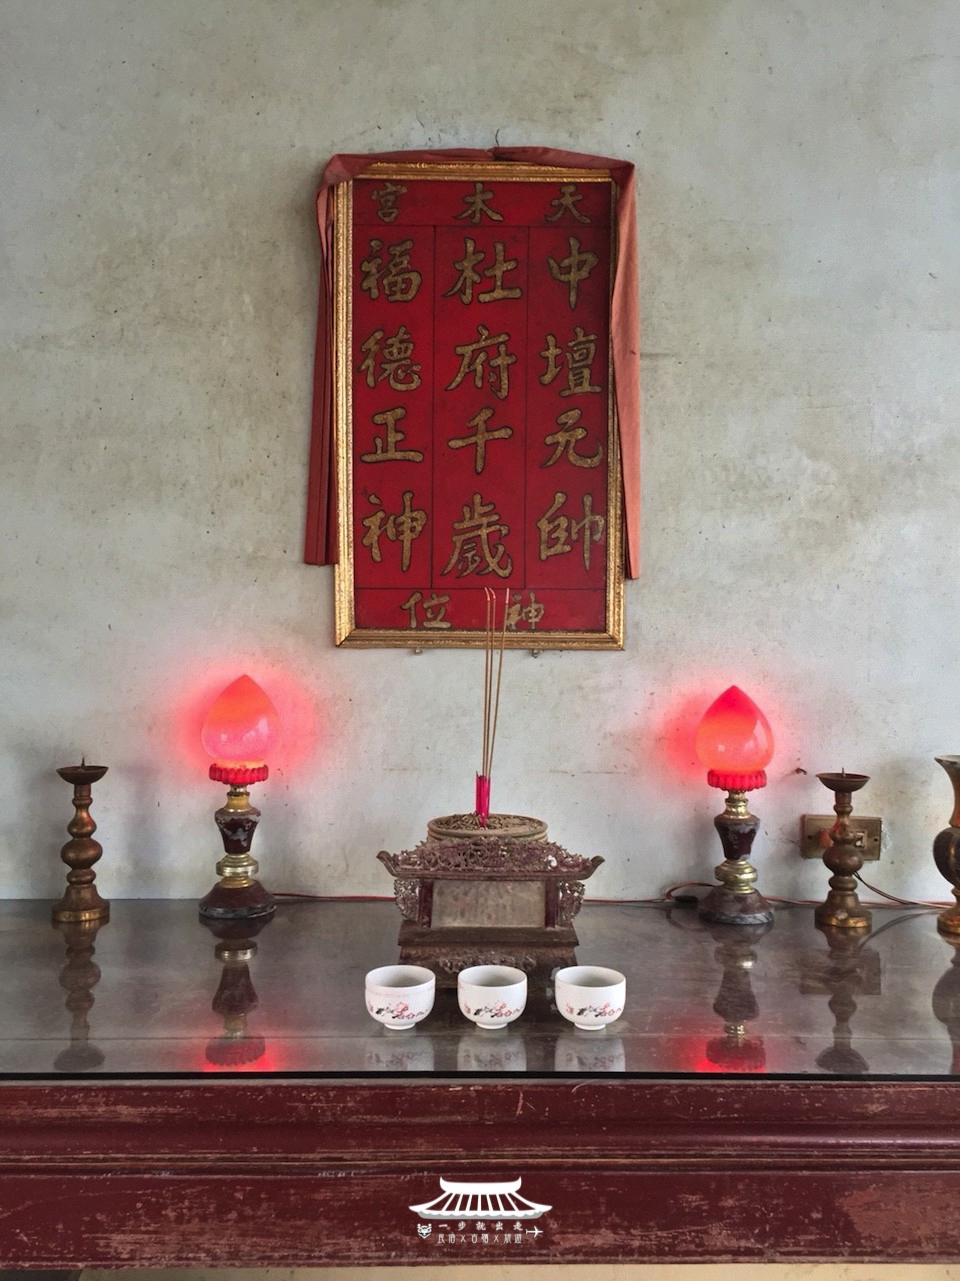 天木宮祭壇